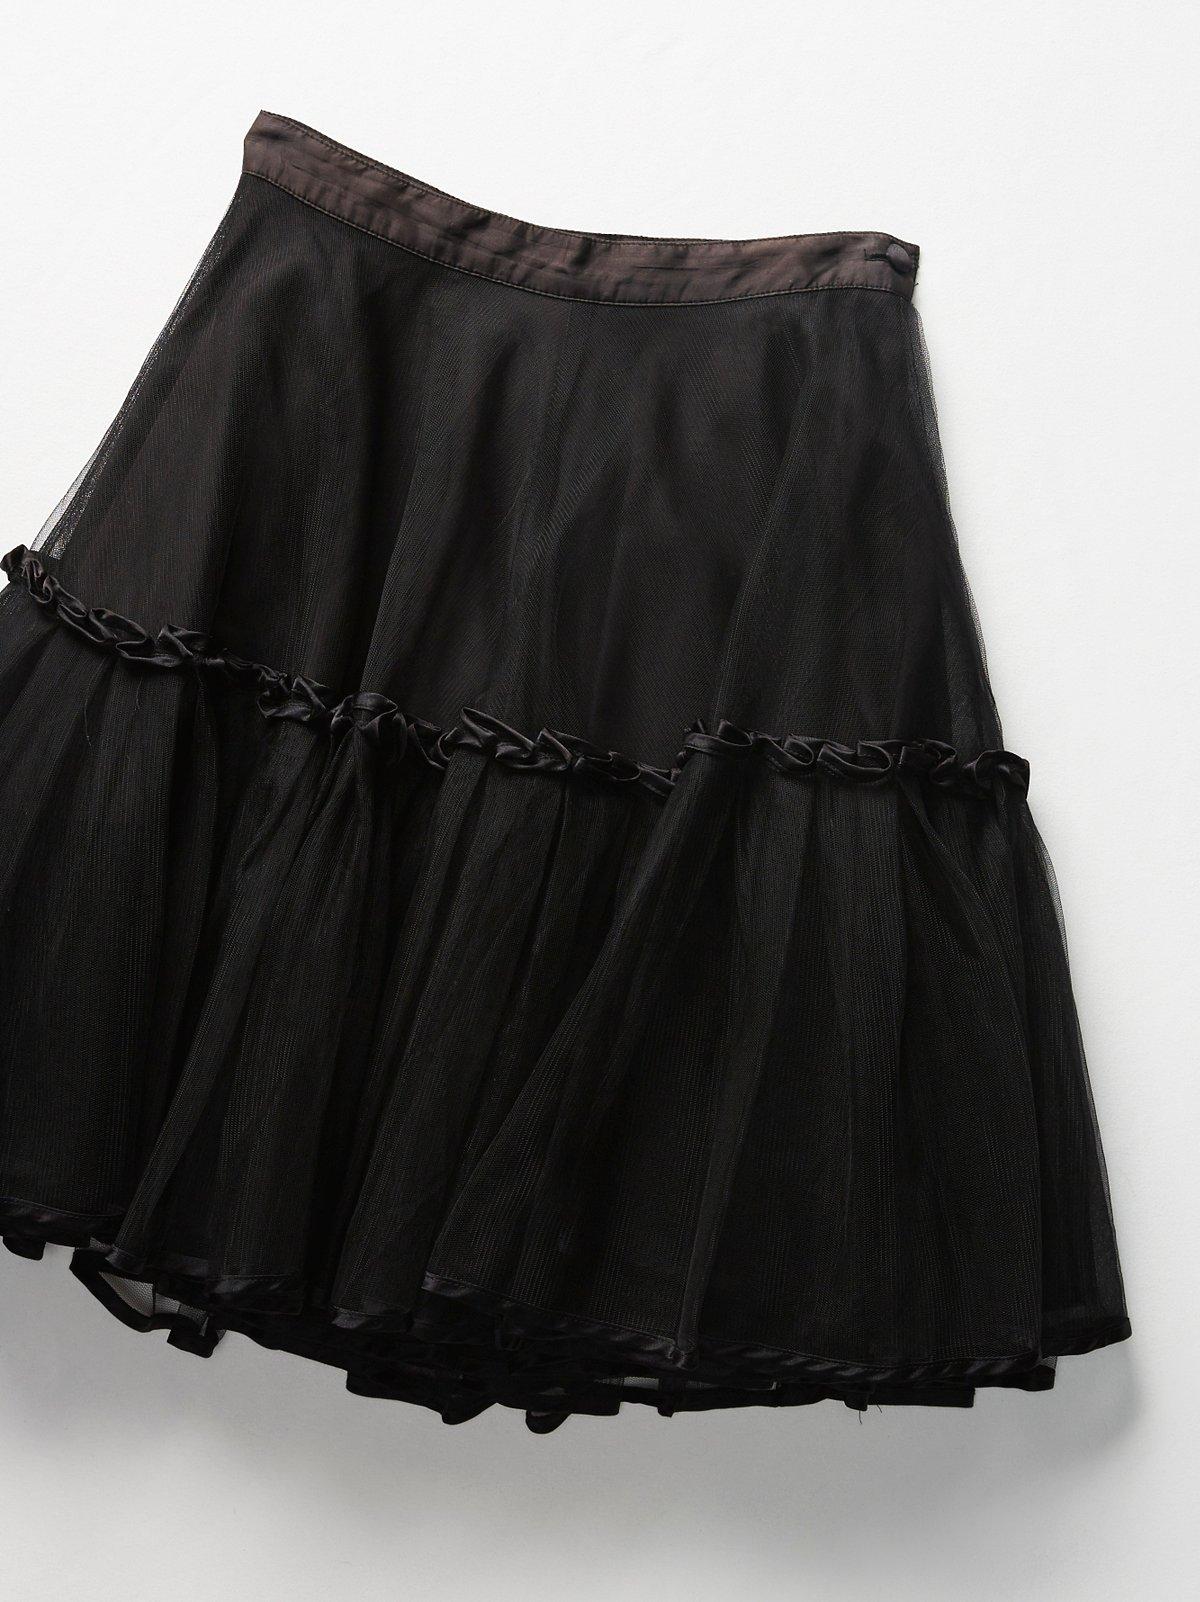 Vintage 1960s Crinoline Skirt